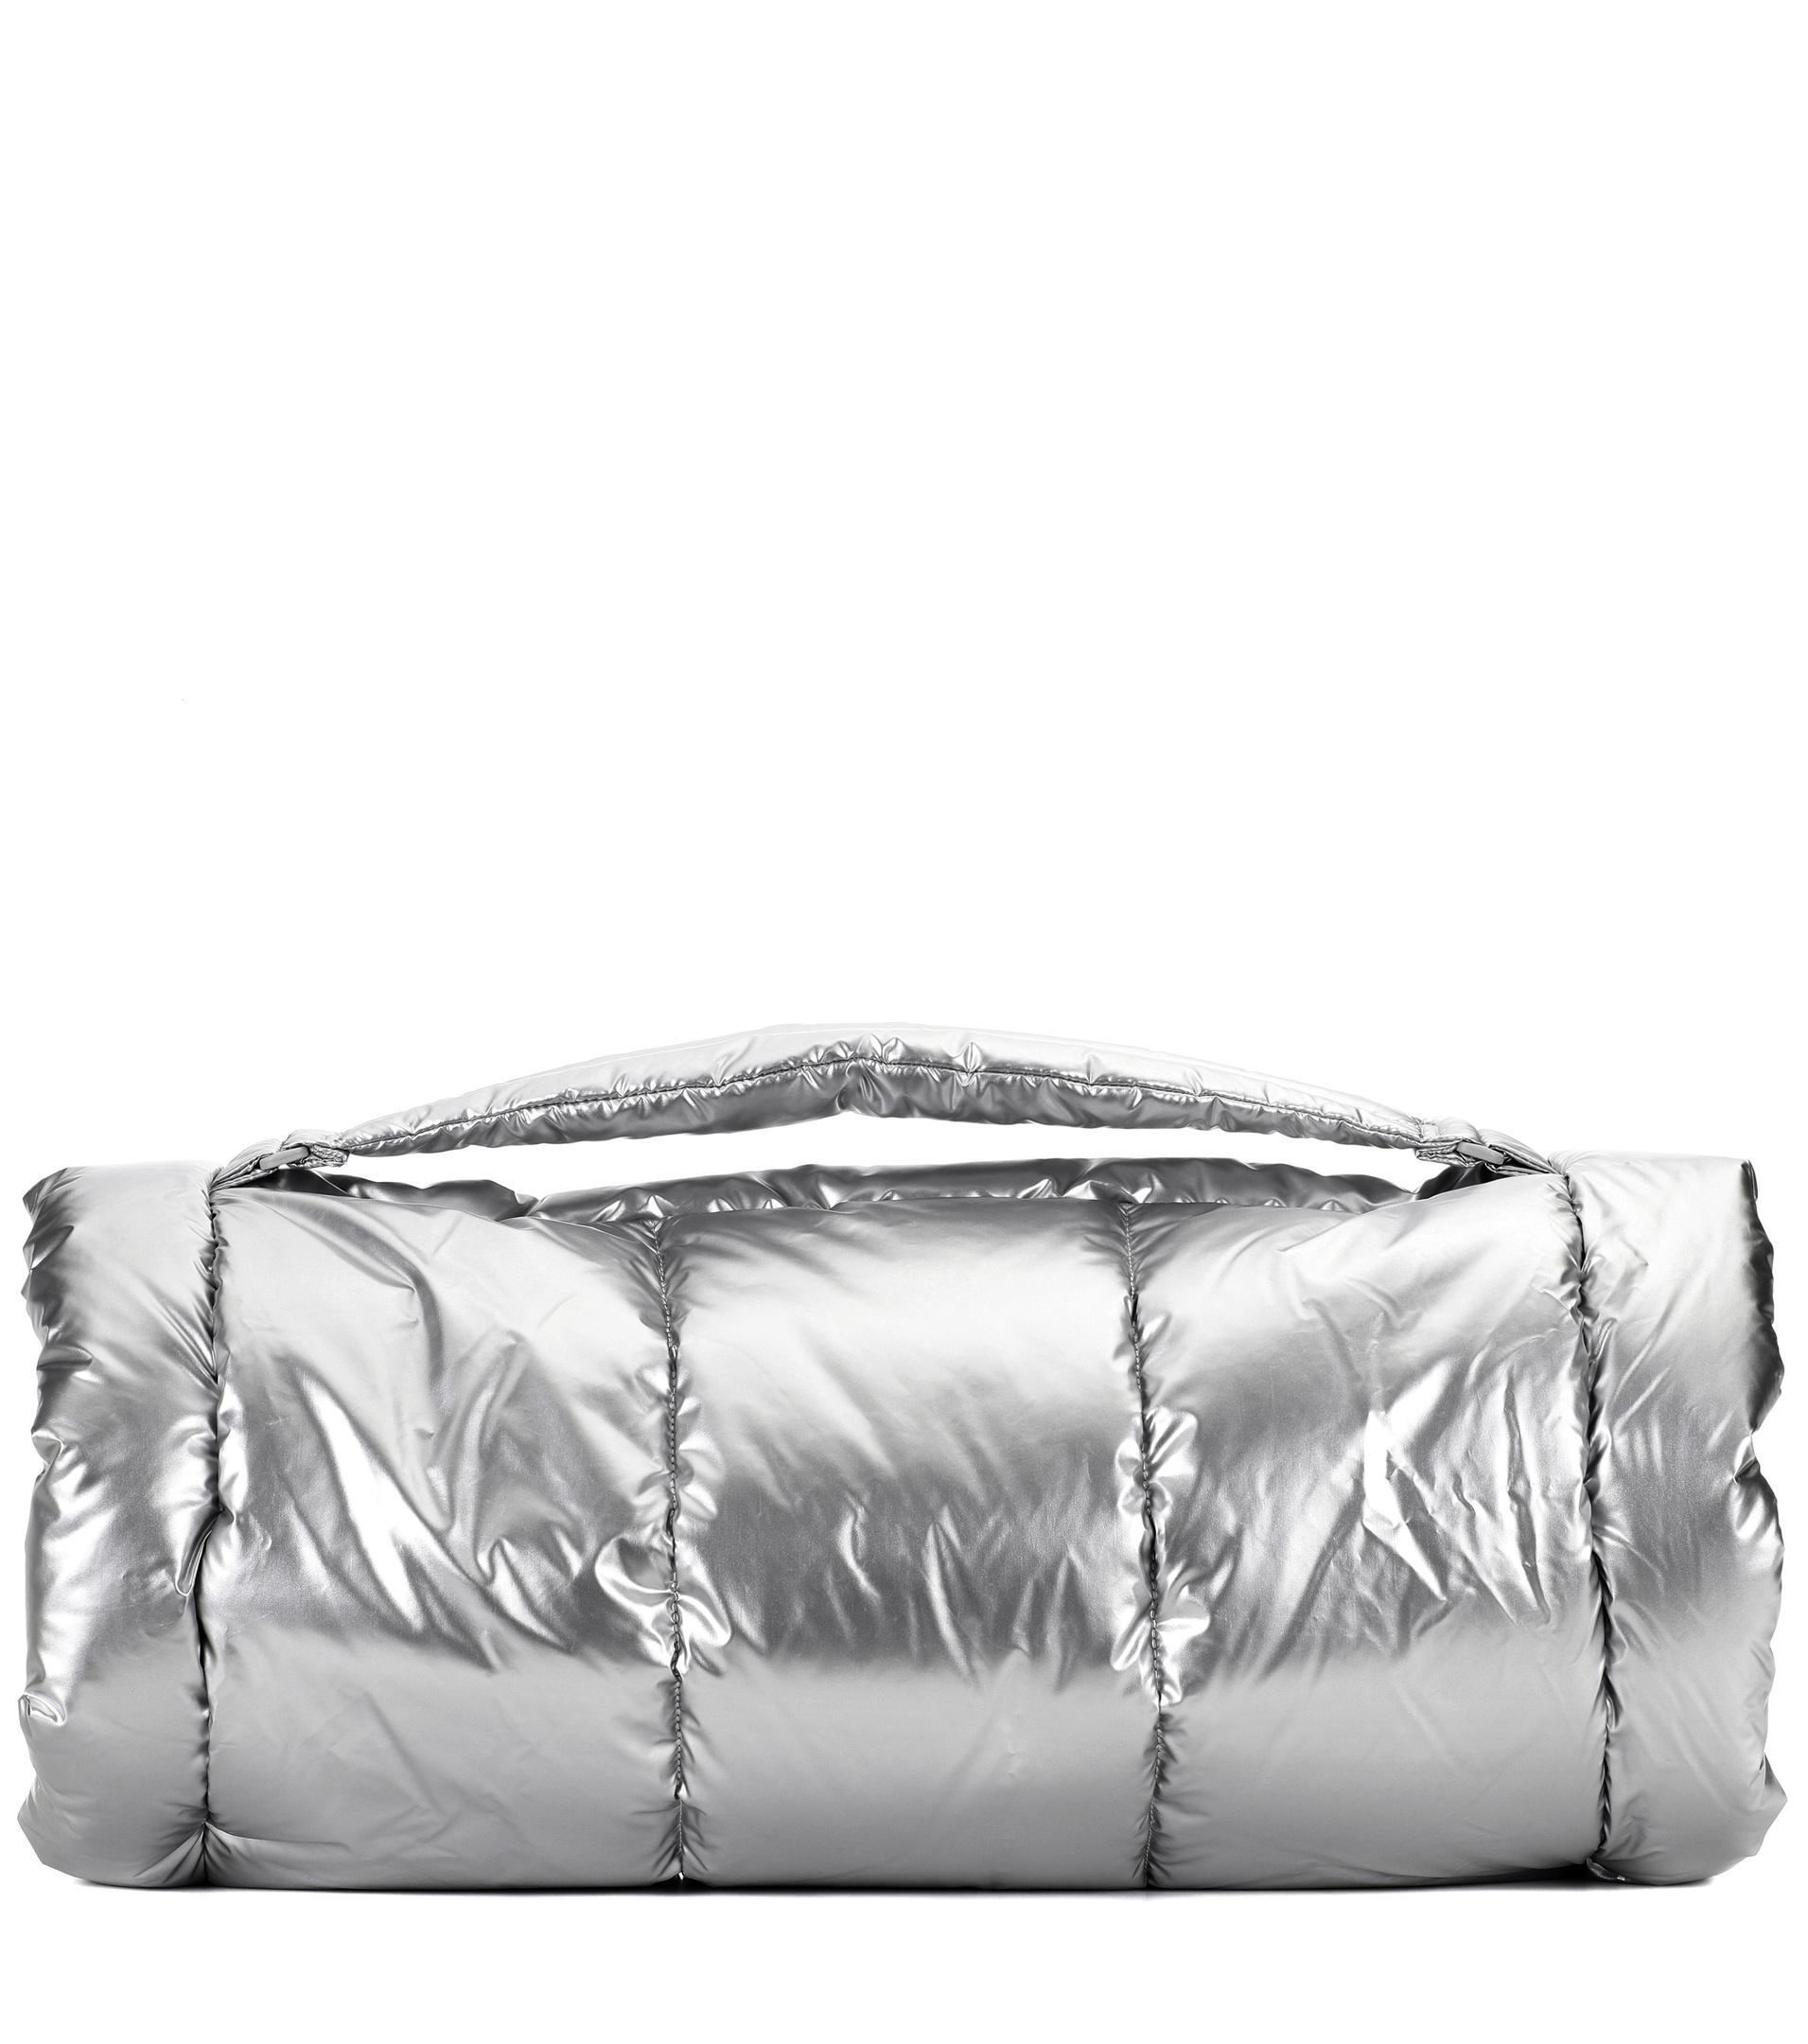 Lyst - PUMA Metallic Padded Gym Bag in Metallic 5788b33fe8f41